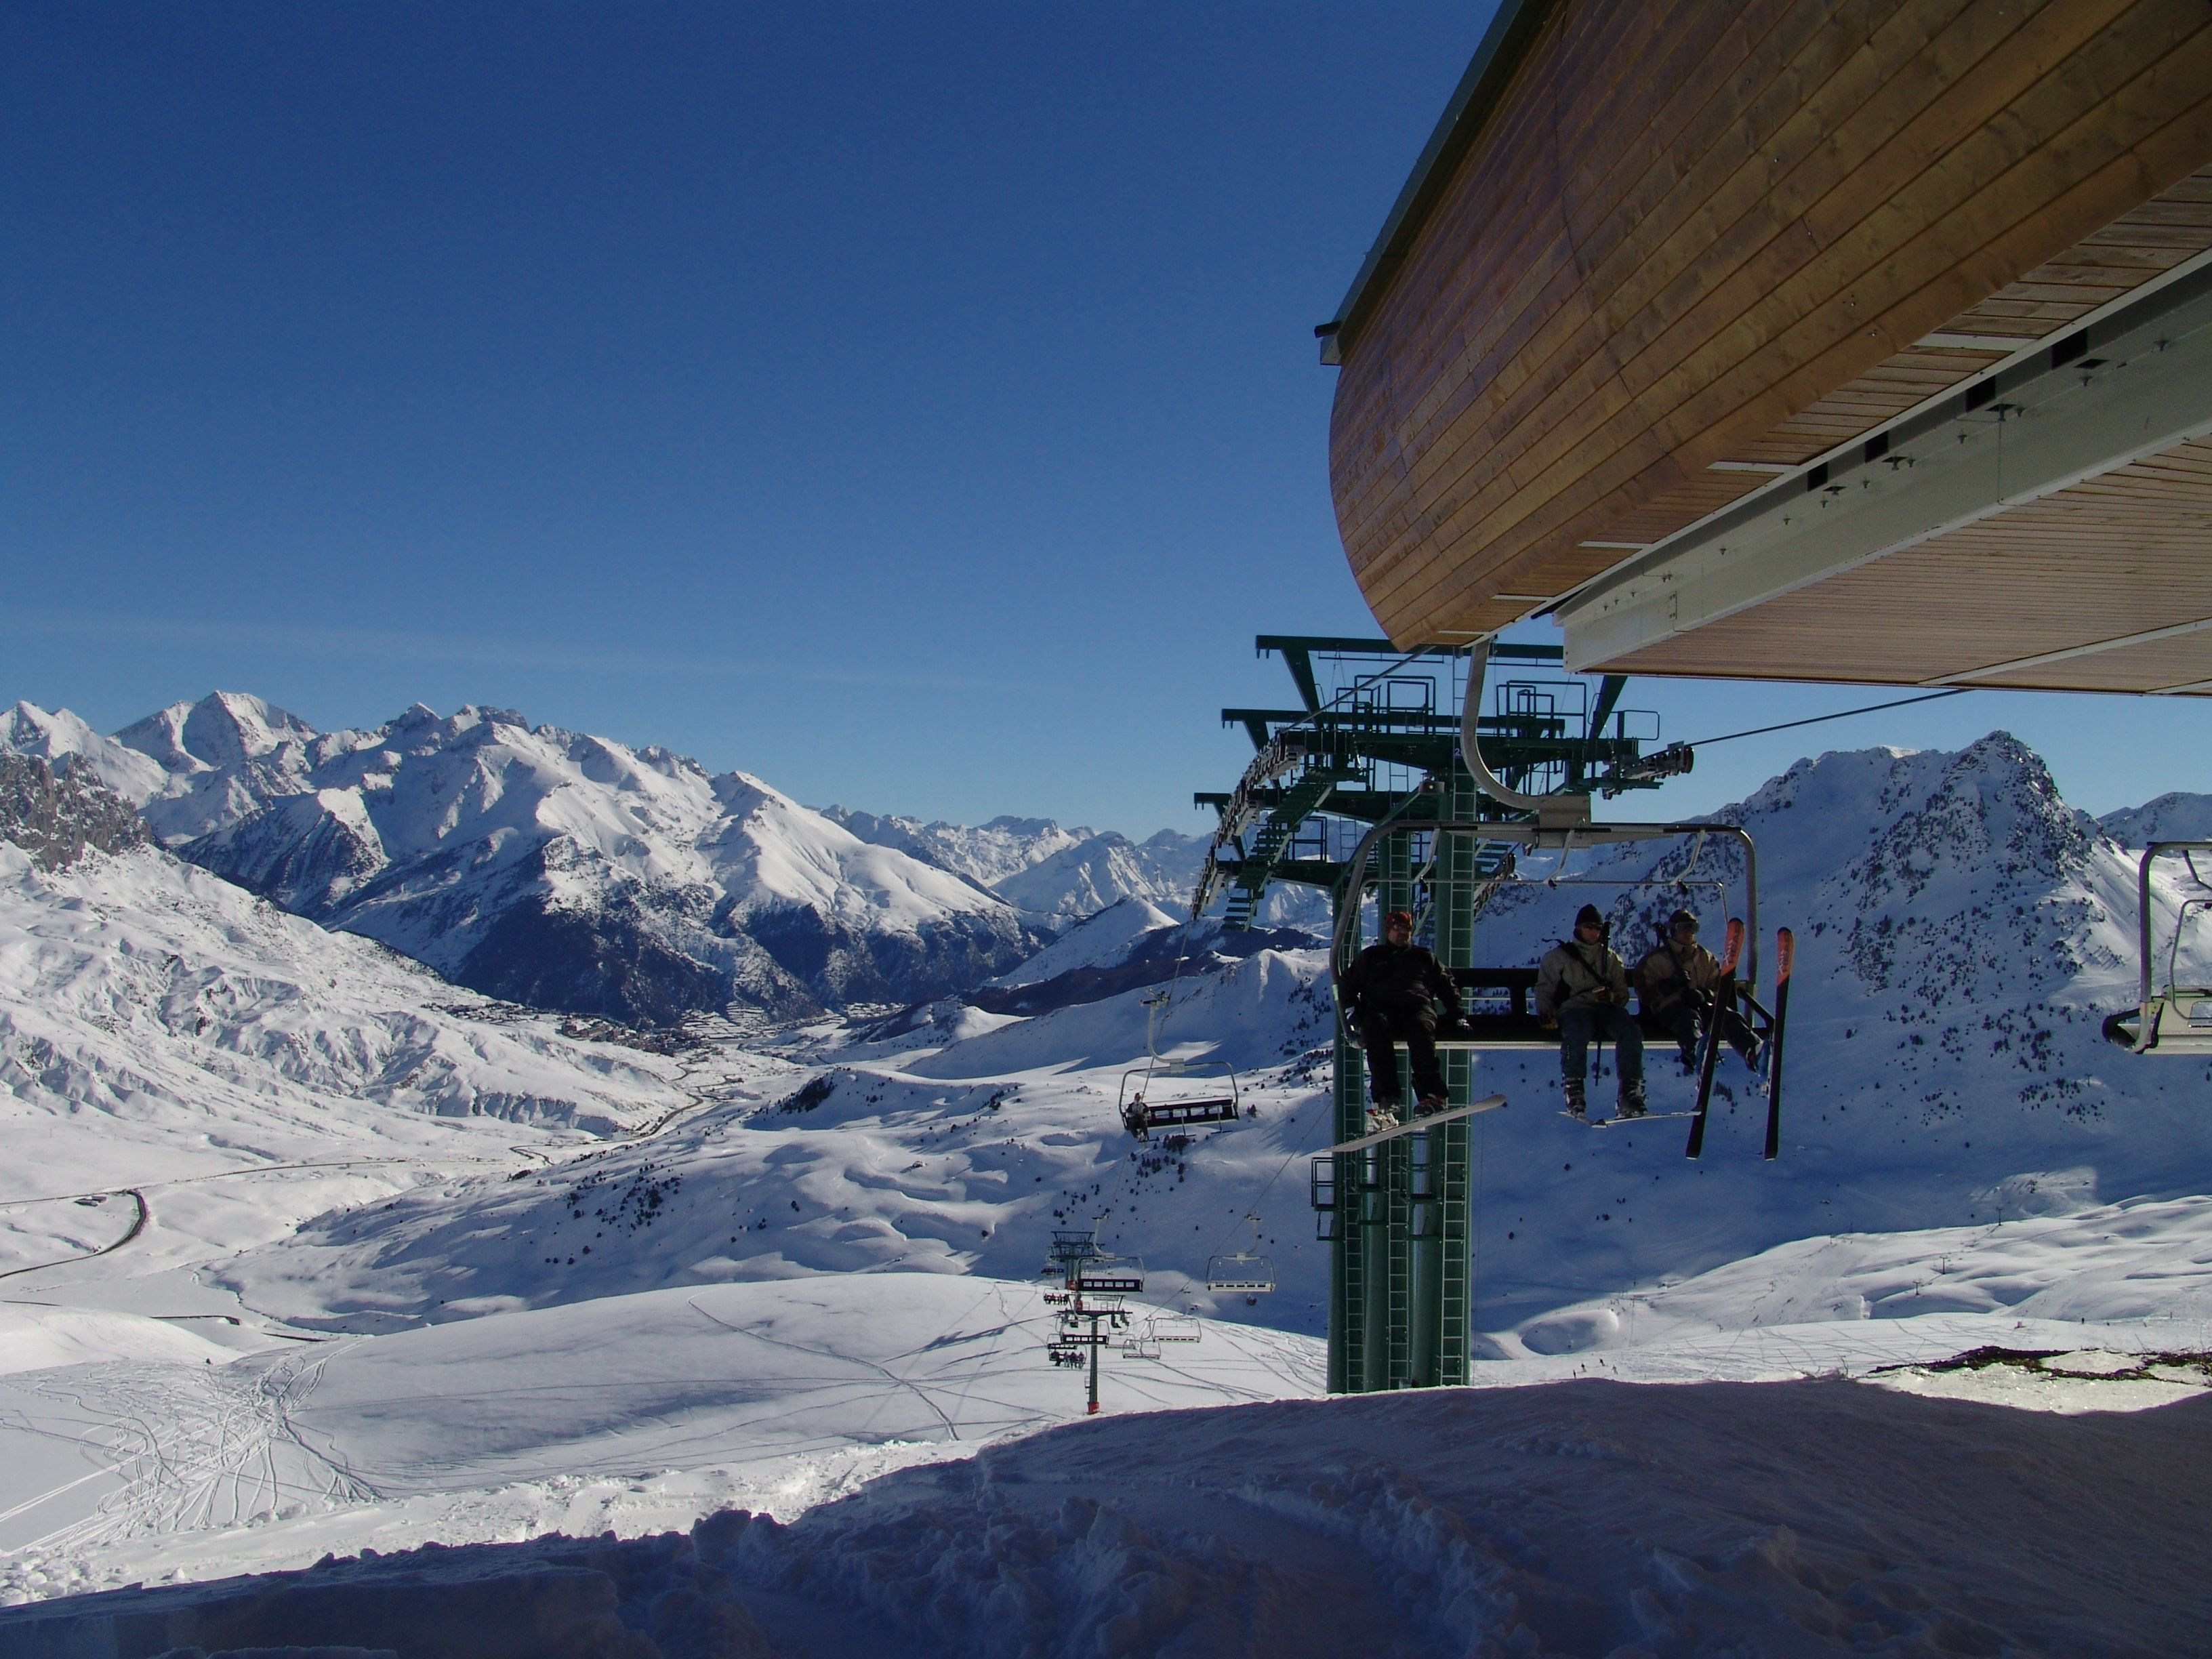 Esquí En Formigal Valle De Tena Pirineos Estaciones De Esqui Paisajes Fotos